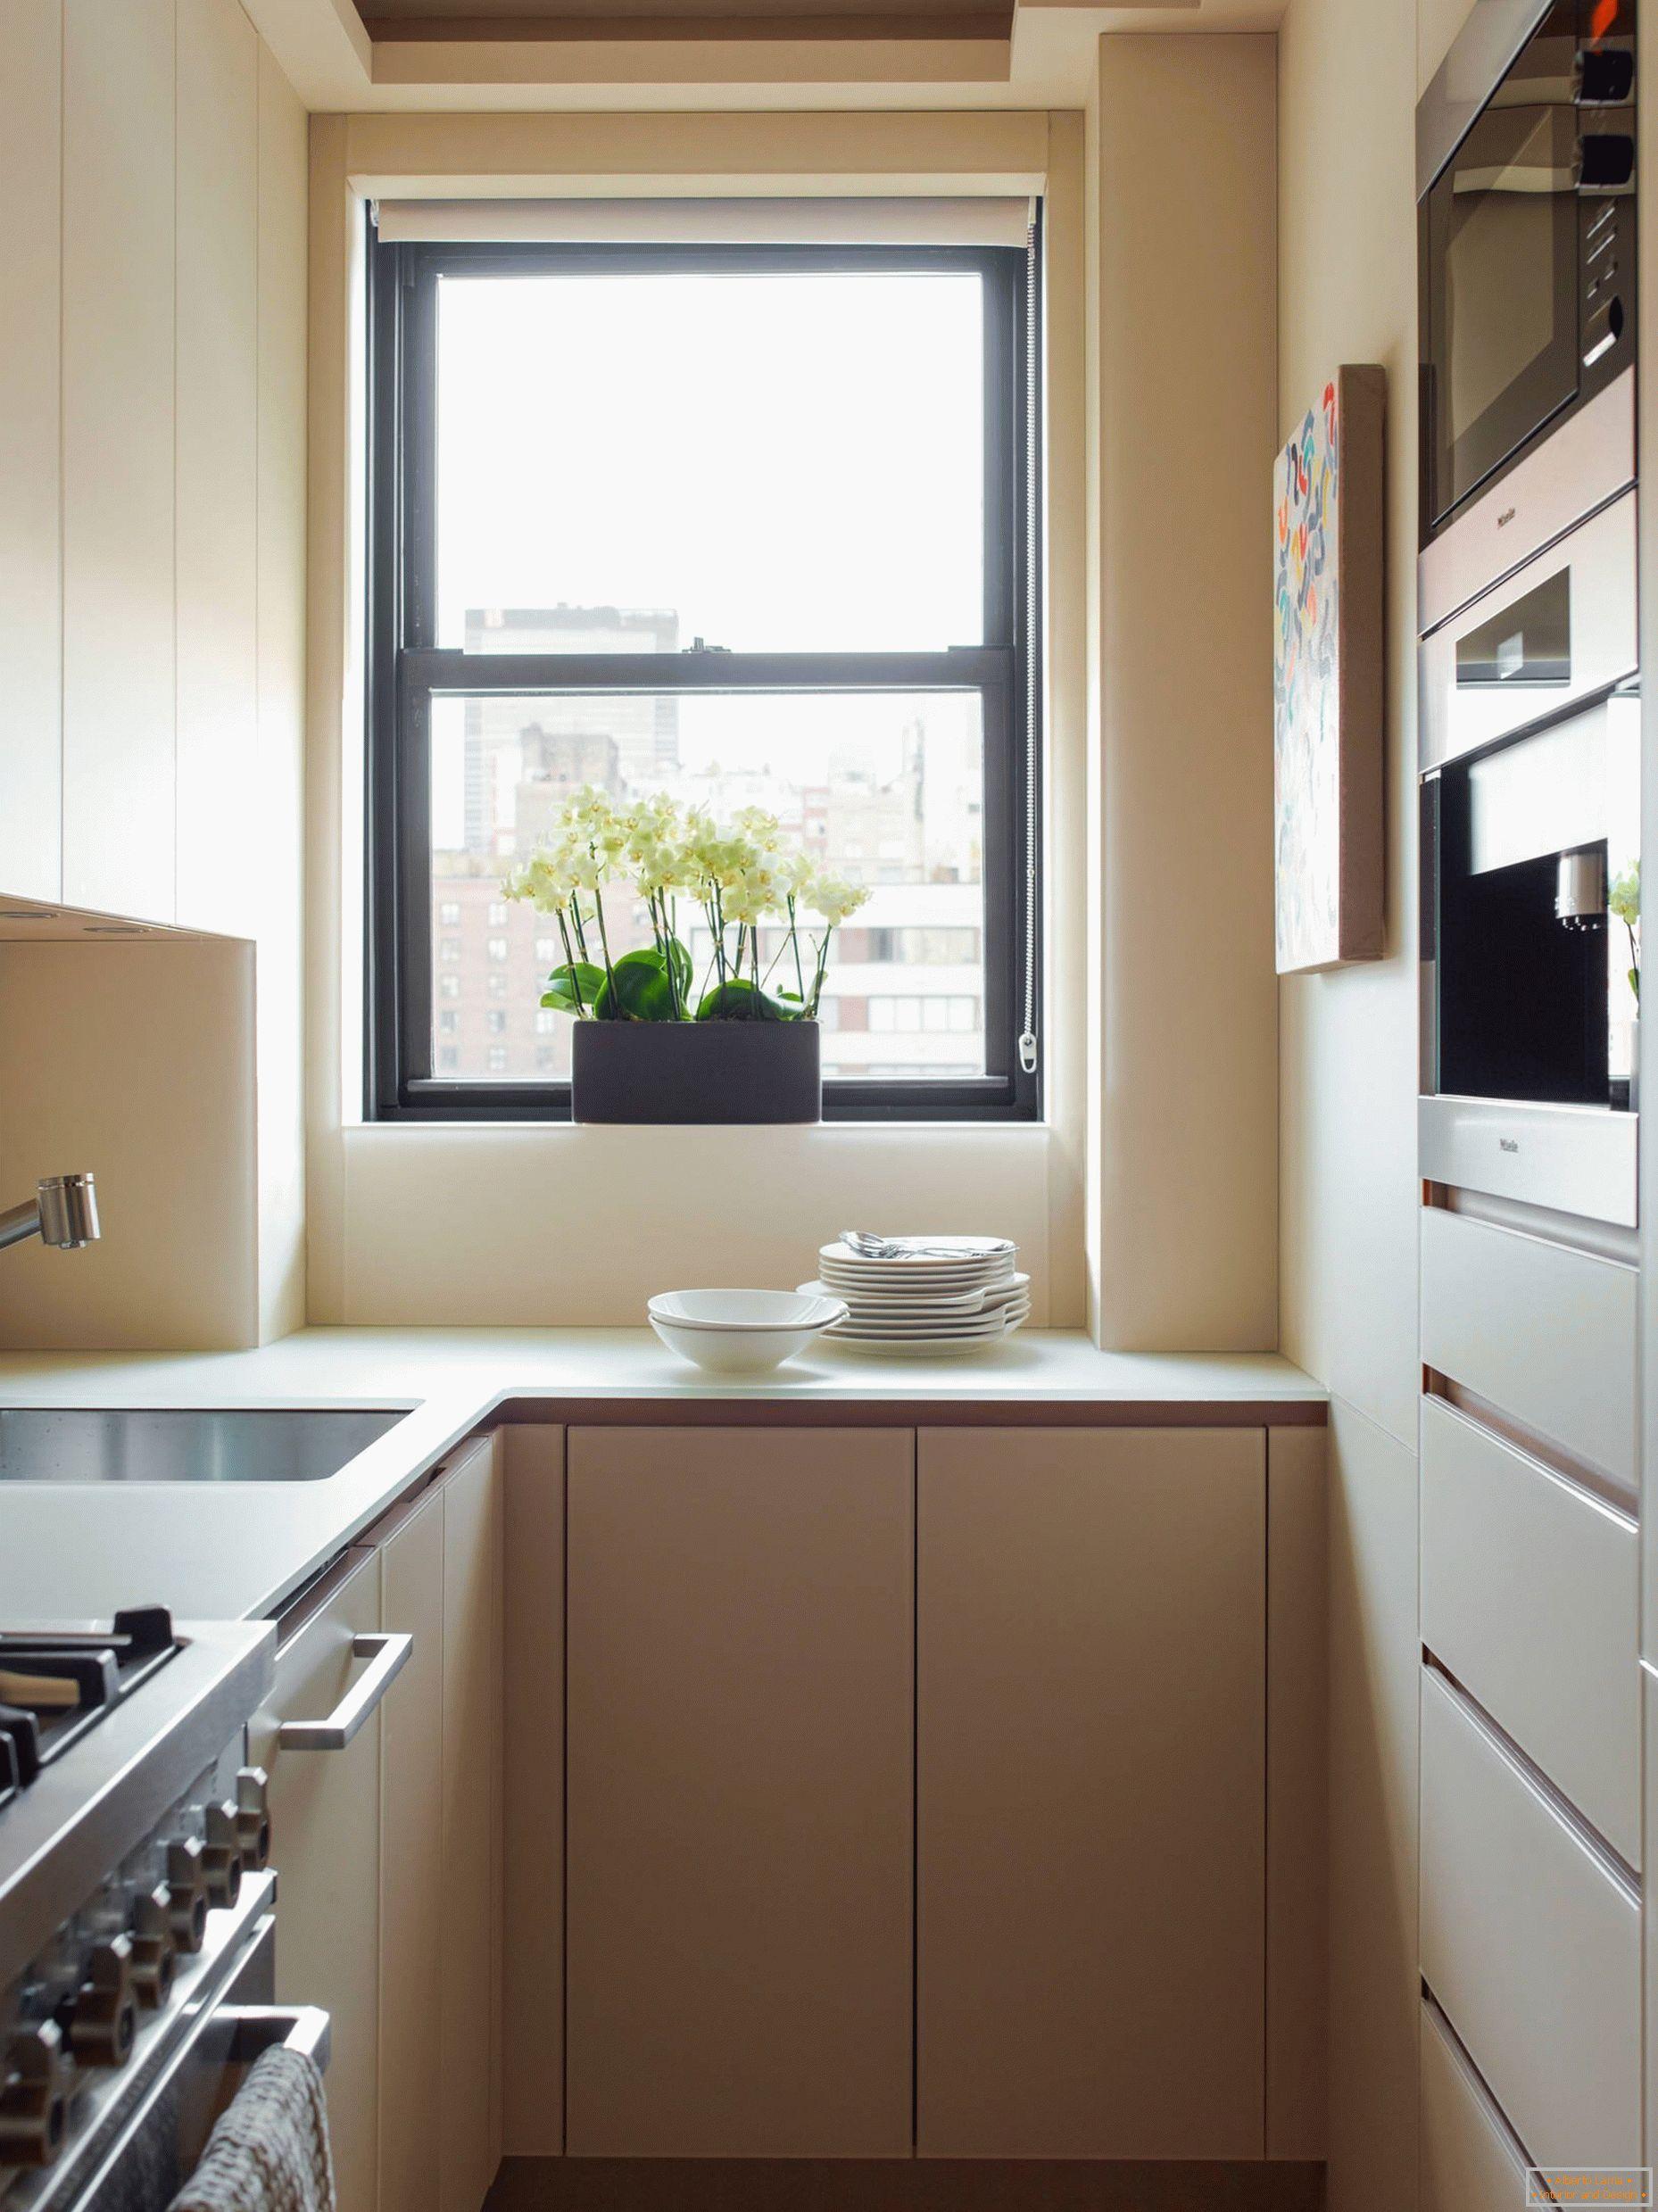 Cucina 4 Metri Angolare | Progettare Una Cucina Come Comporre Una ...